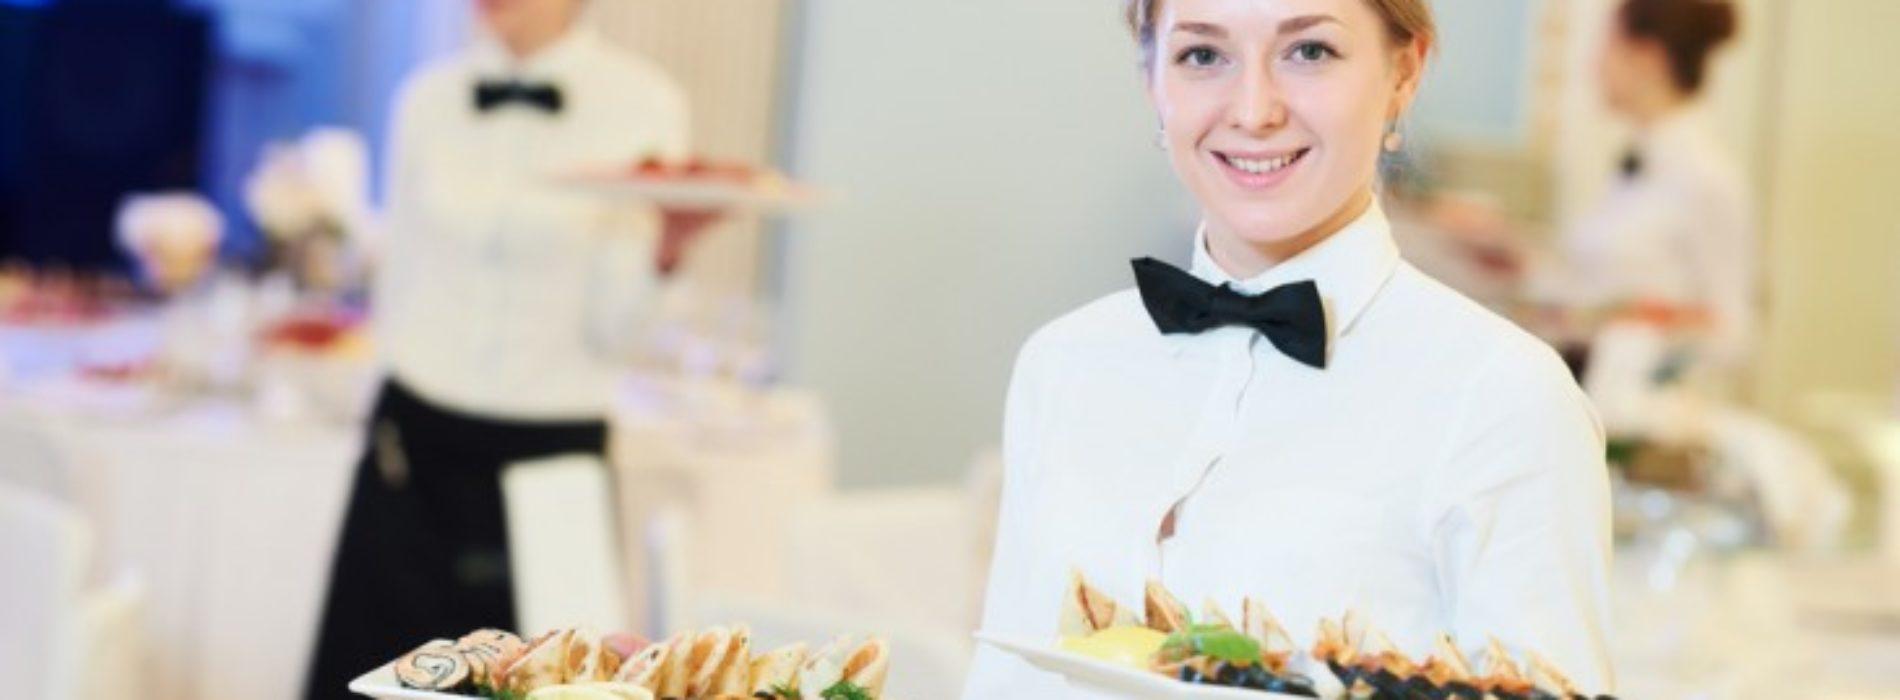 Annunci food Puntarella Rossa, la bacheca per trovare e offrire lavoro nella ristorazione